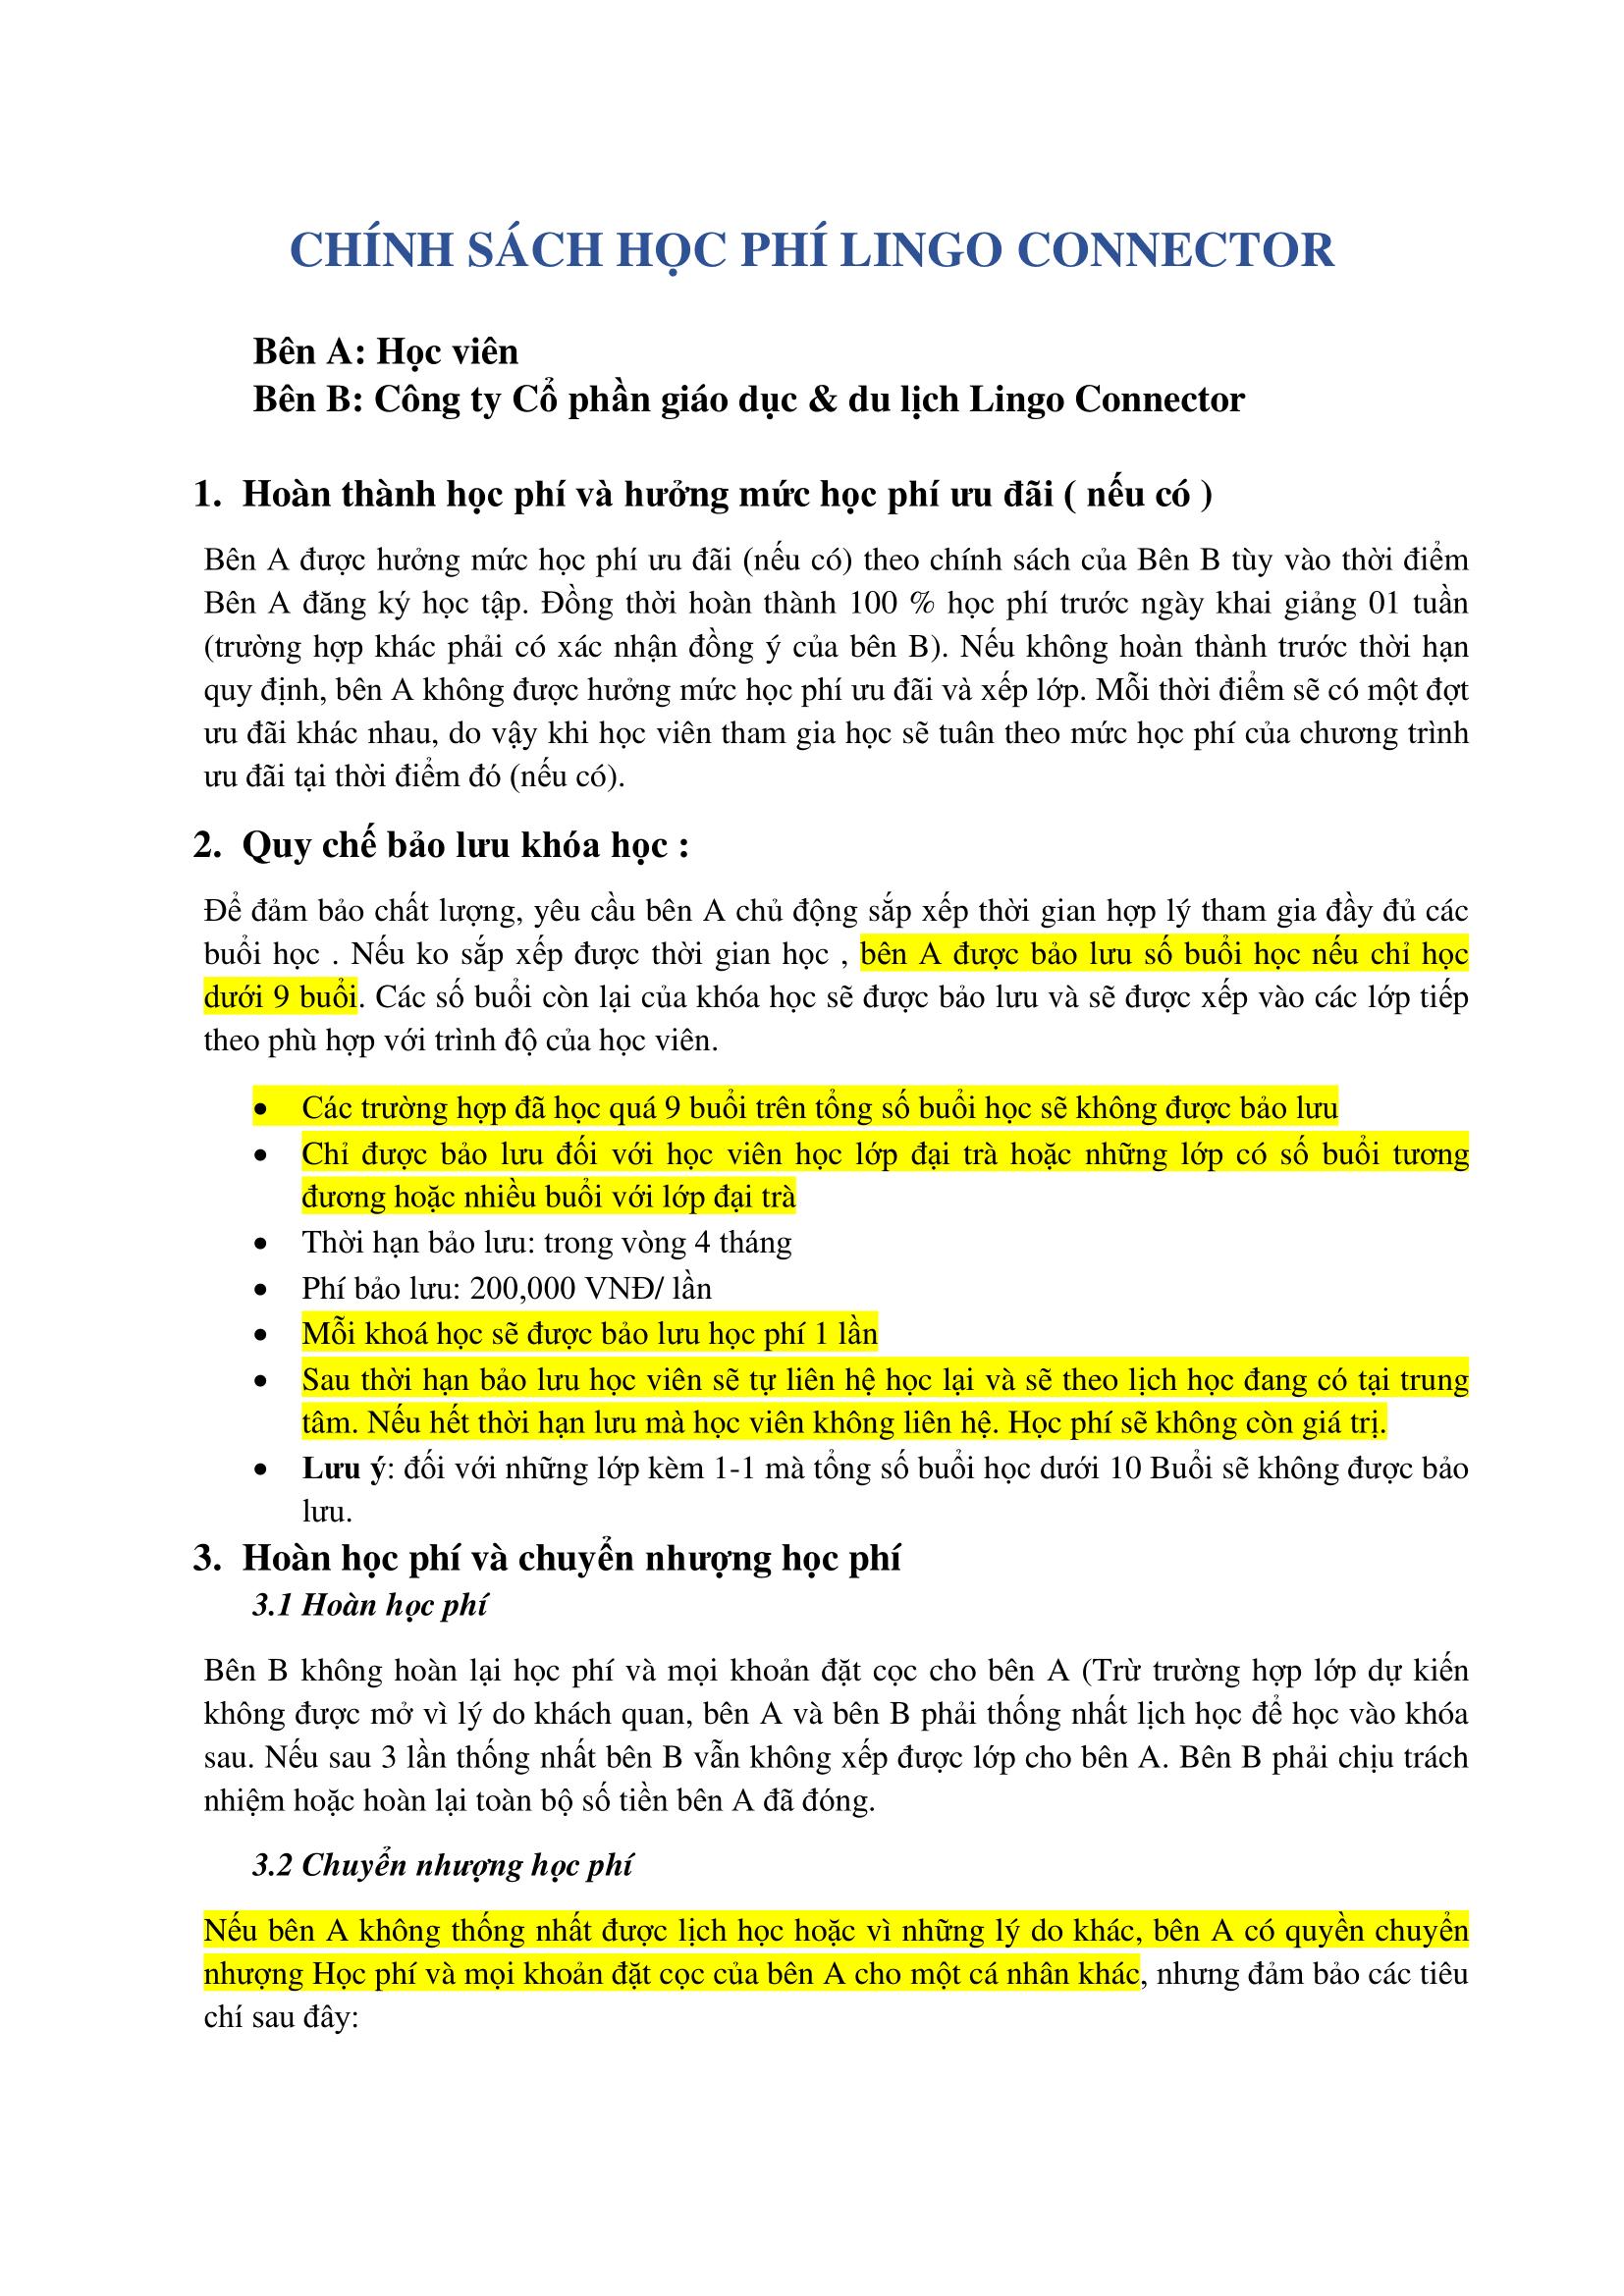 CHÍNH SÁCH HỌC PHÍ - CHUYỂN NHƯỢNG - BẢO LƯU LINGO 2-converted-1